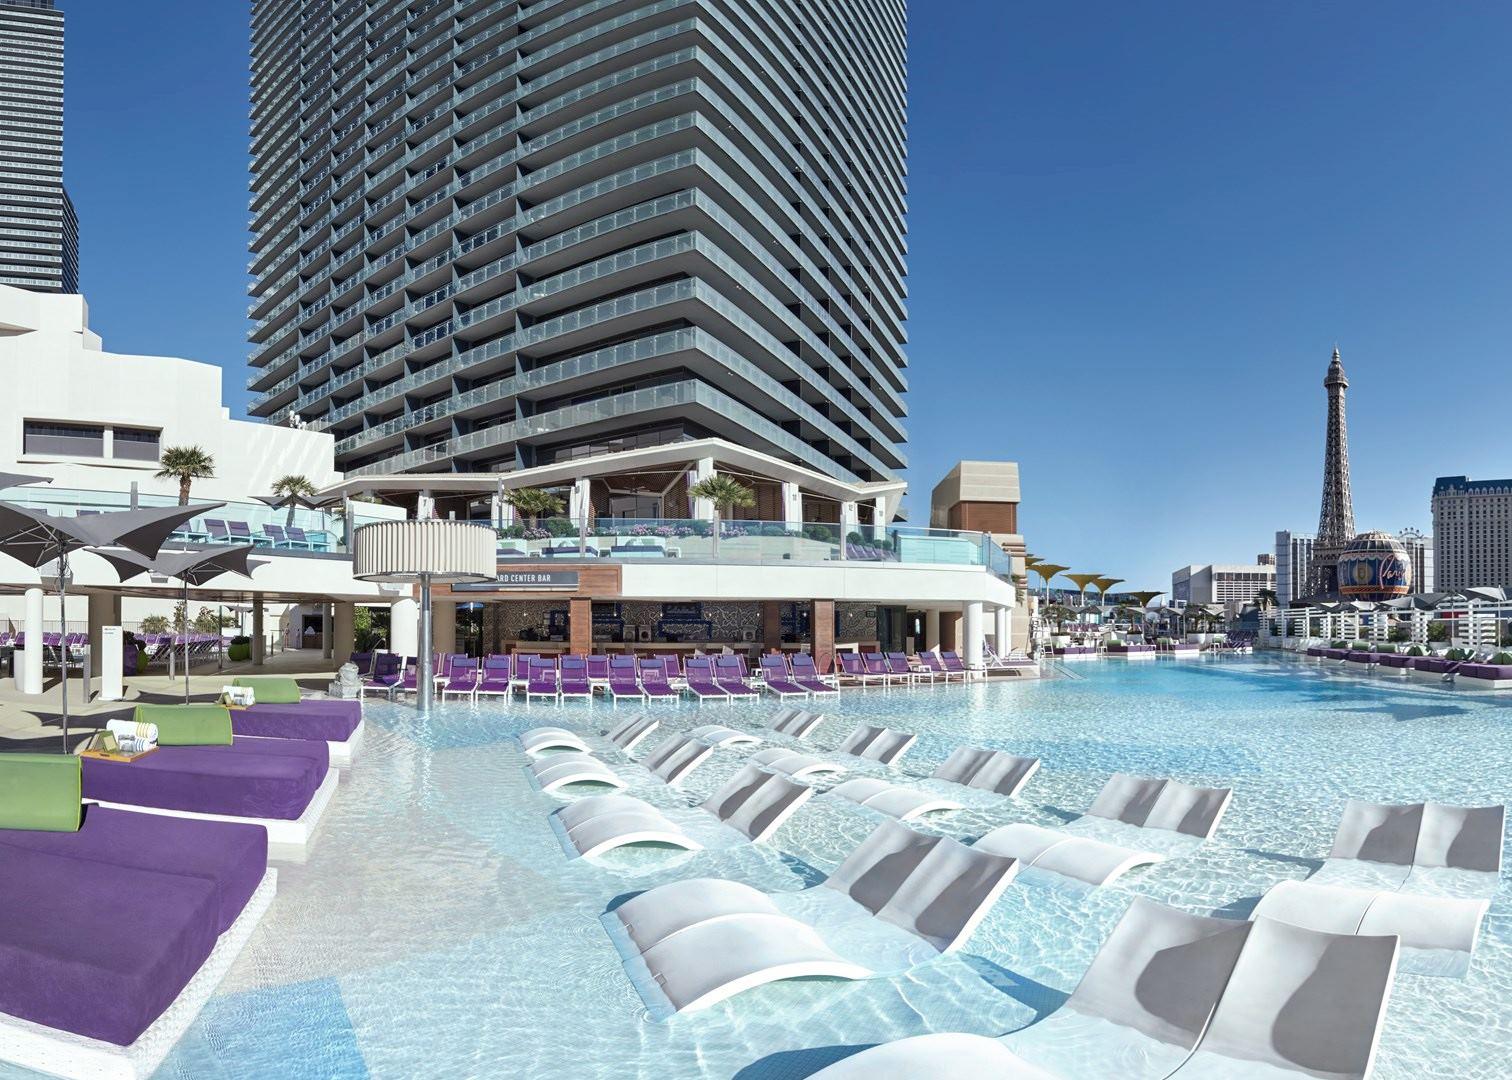 Cosmopolitan Casino Las Vegas